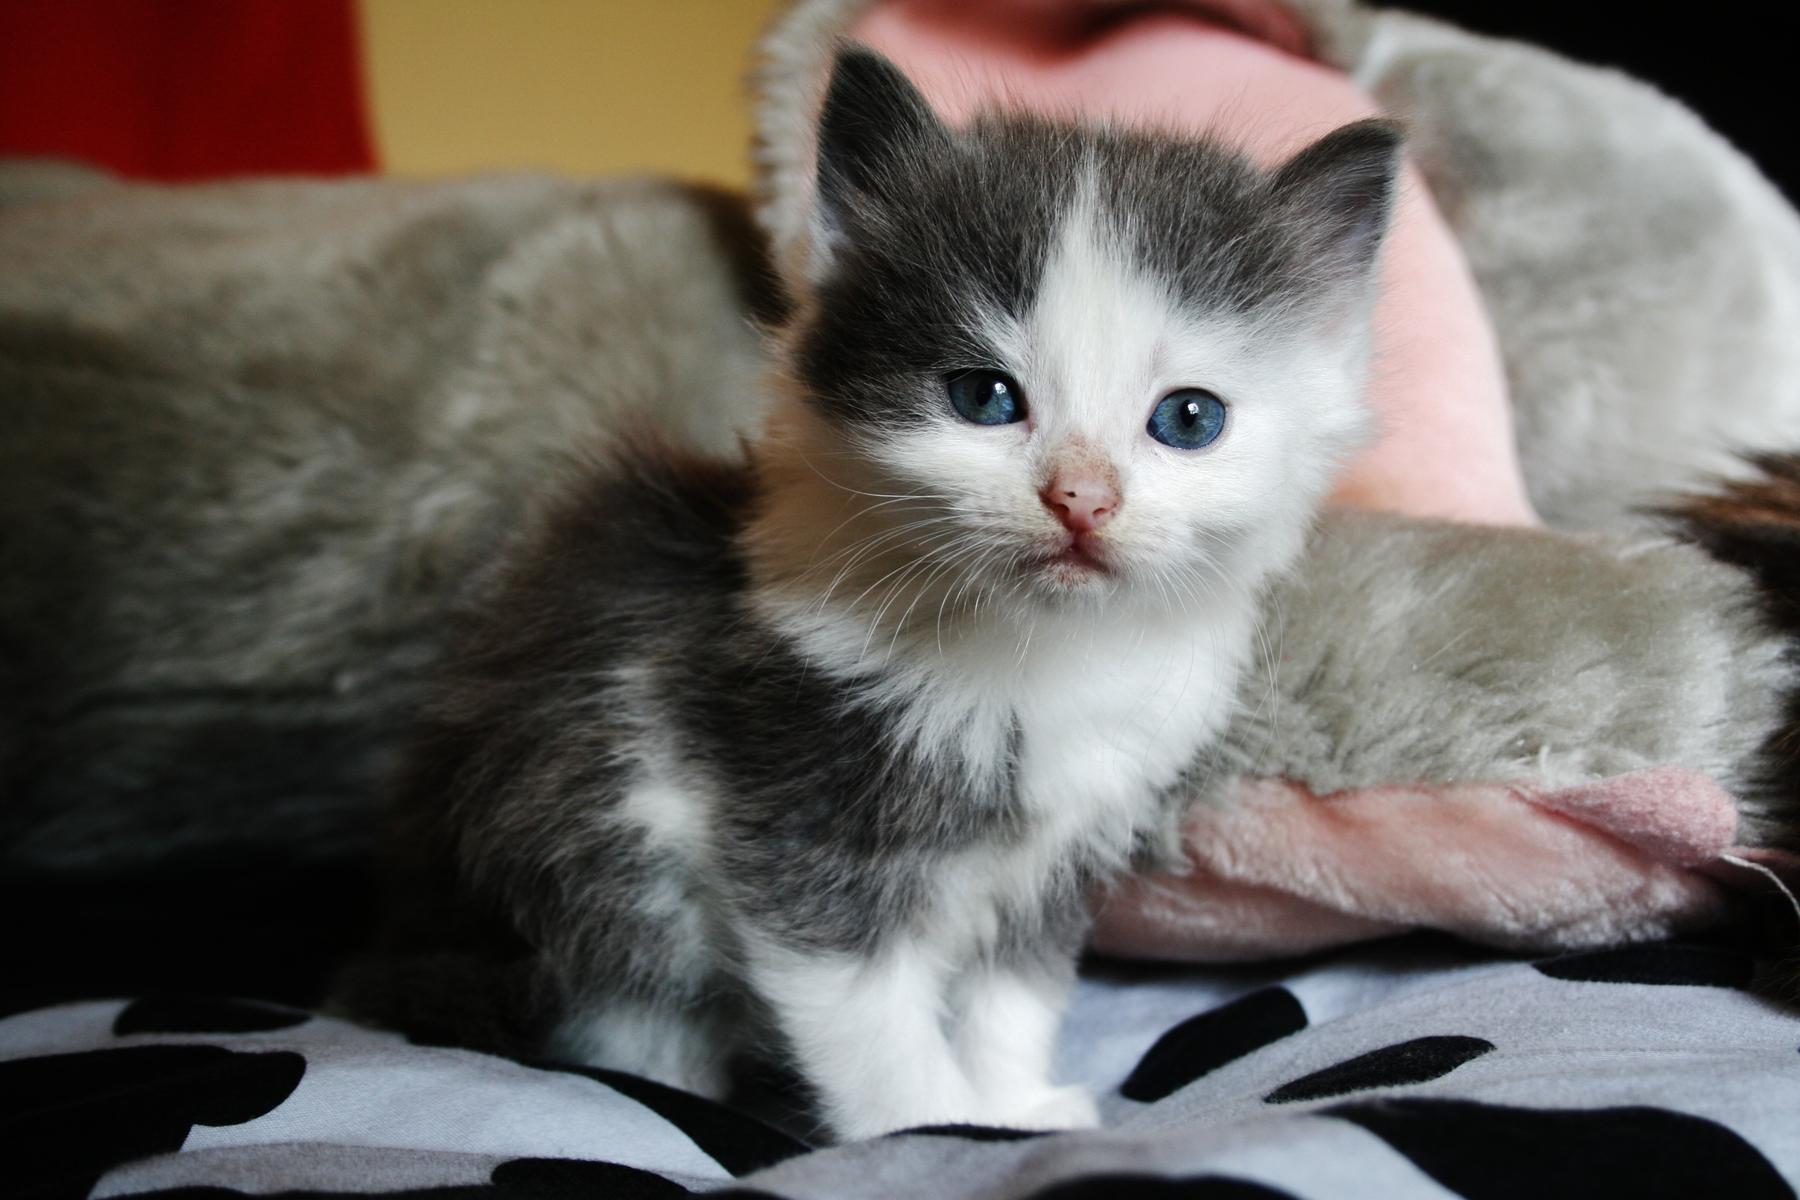 Att klippa långhåriga katter kan leda till gos